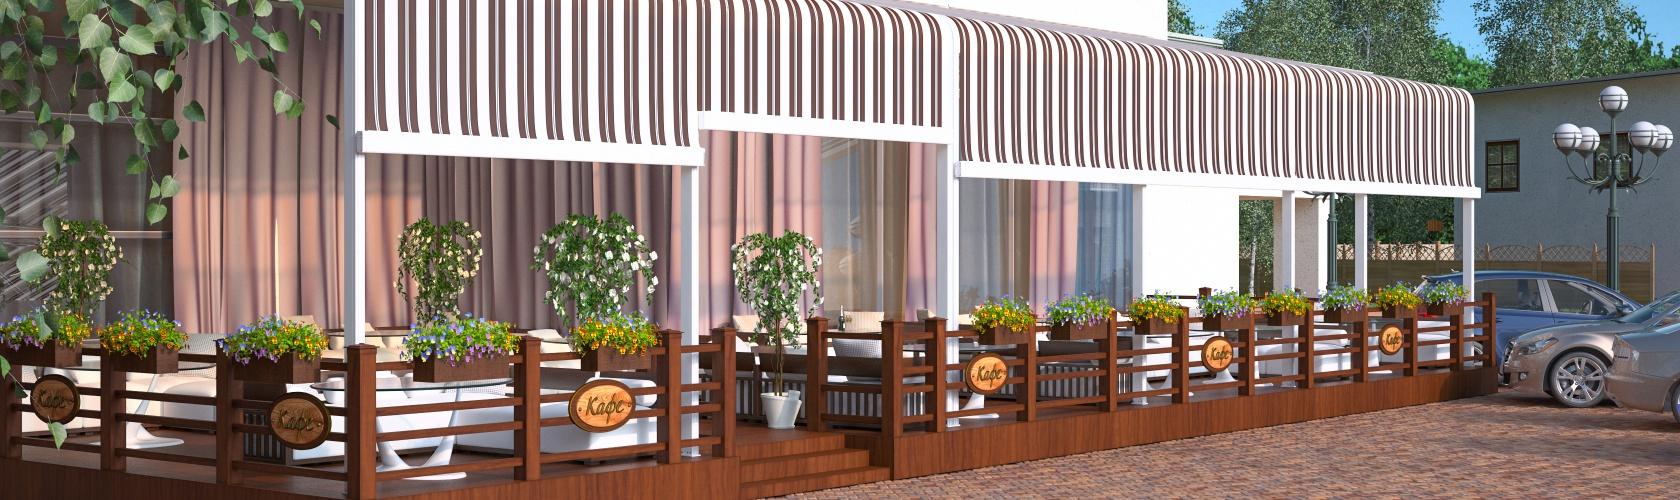 Современные летние кафе под ключ - дизайн-проект, производство, установка.